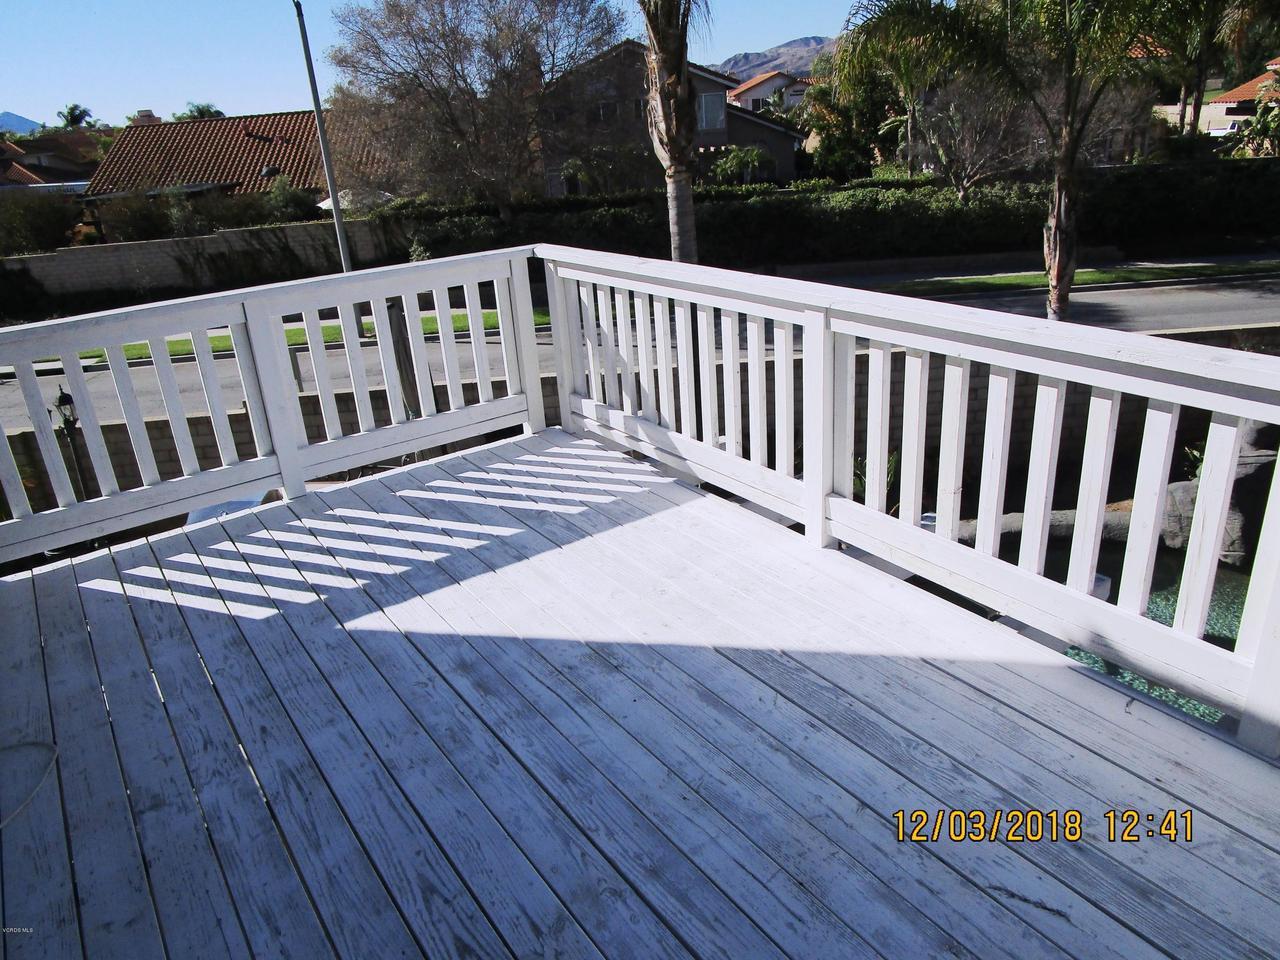 1063 MEADOWLARK, Fillmore, CA 93015 - balcony